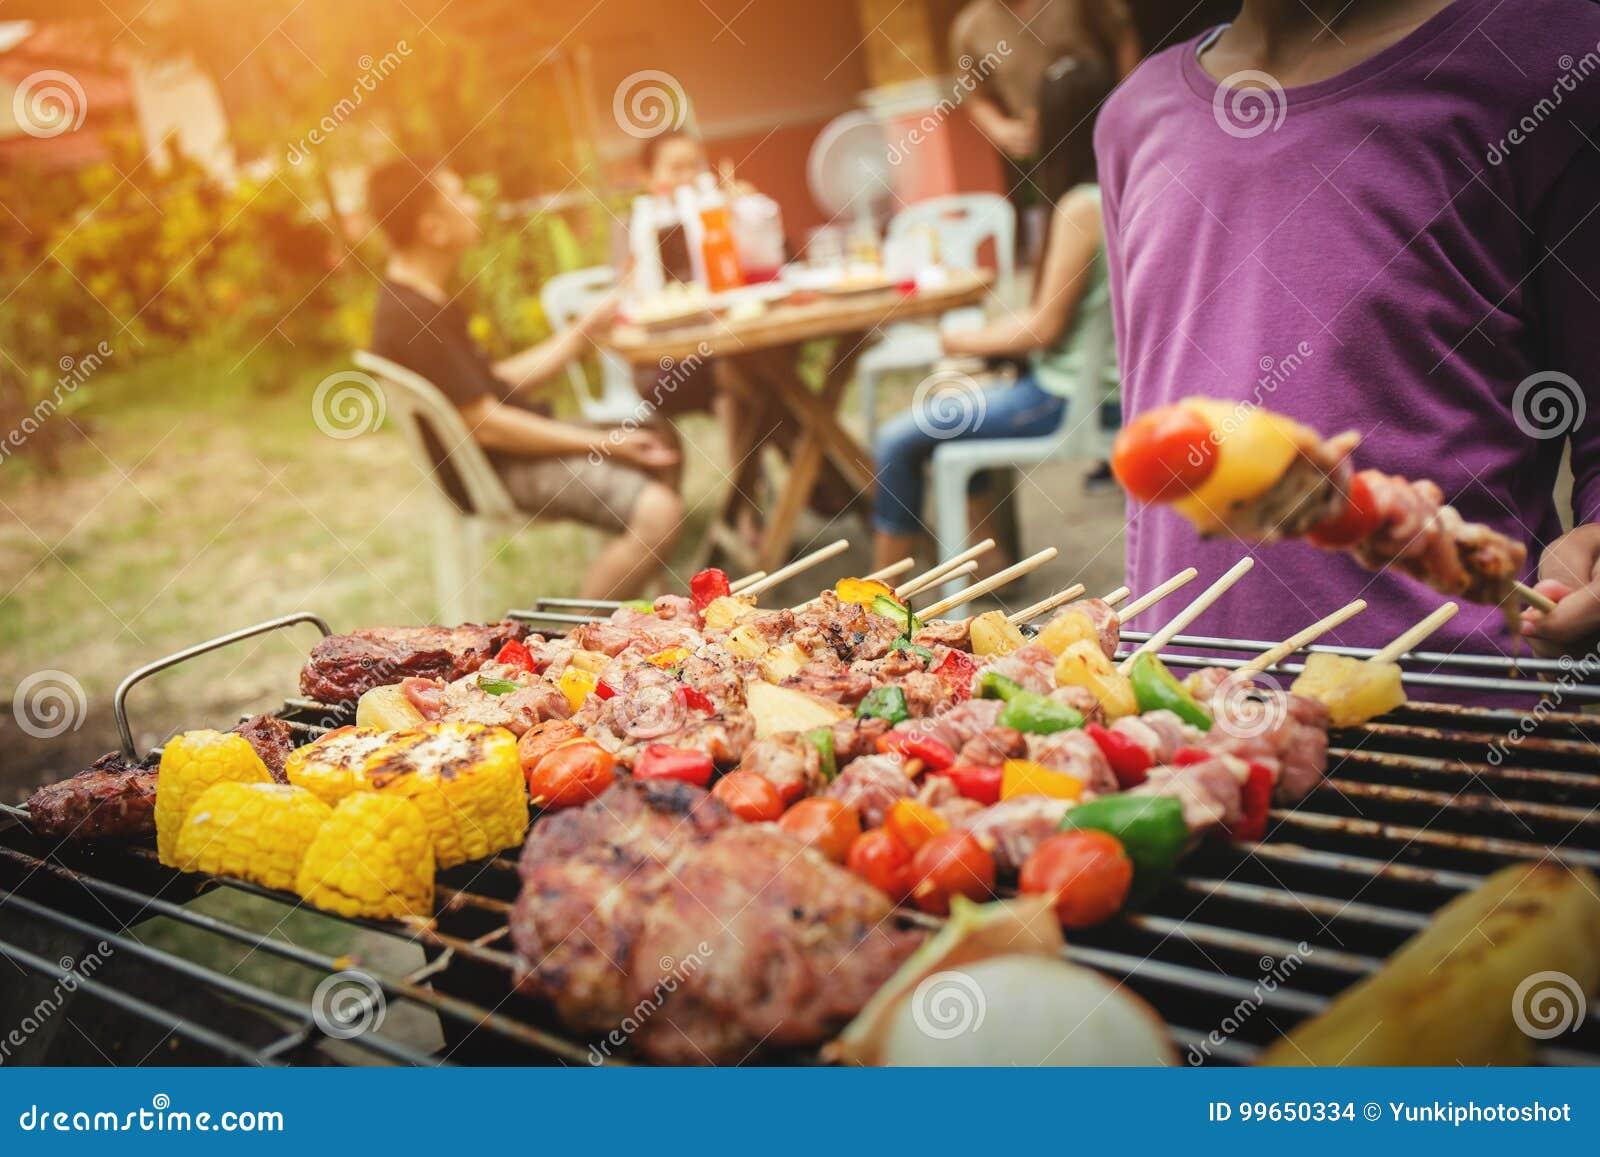 BBQ καλοκαίρι κομμάτων τροφίμων που ψήνει το κρέας στη σχάρα